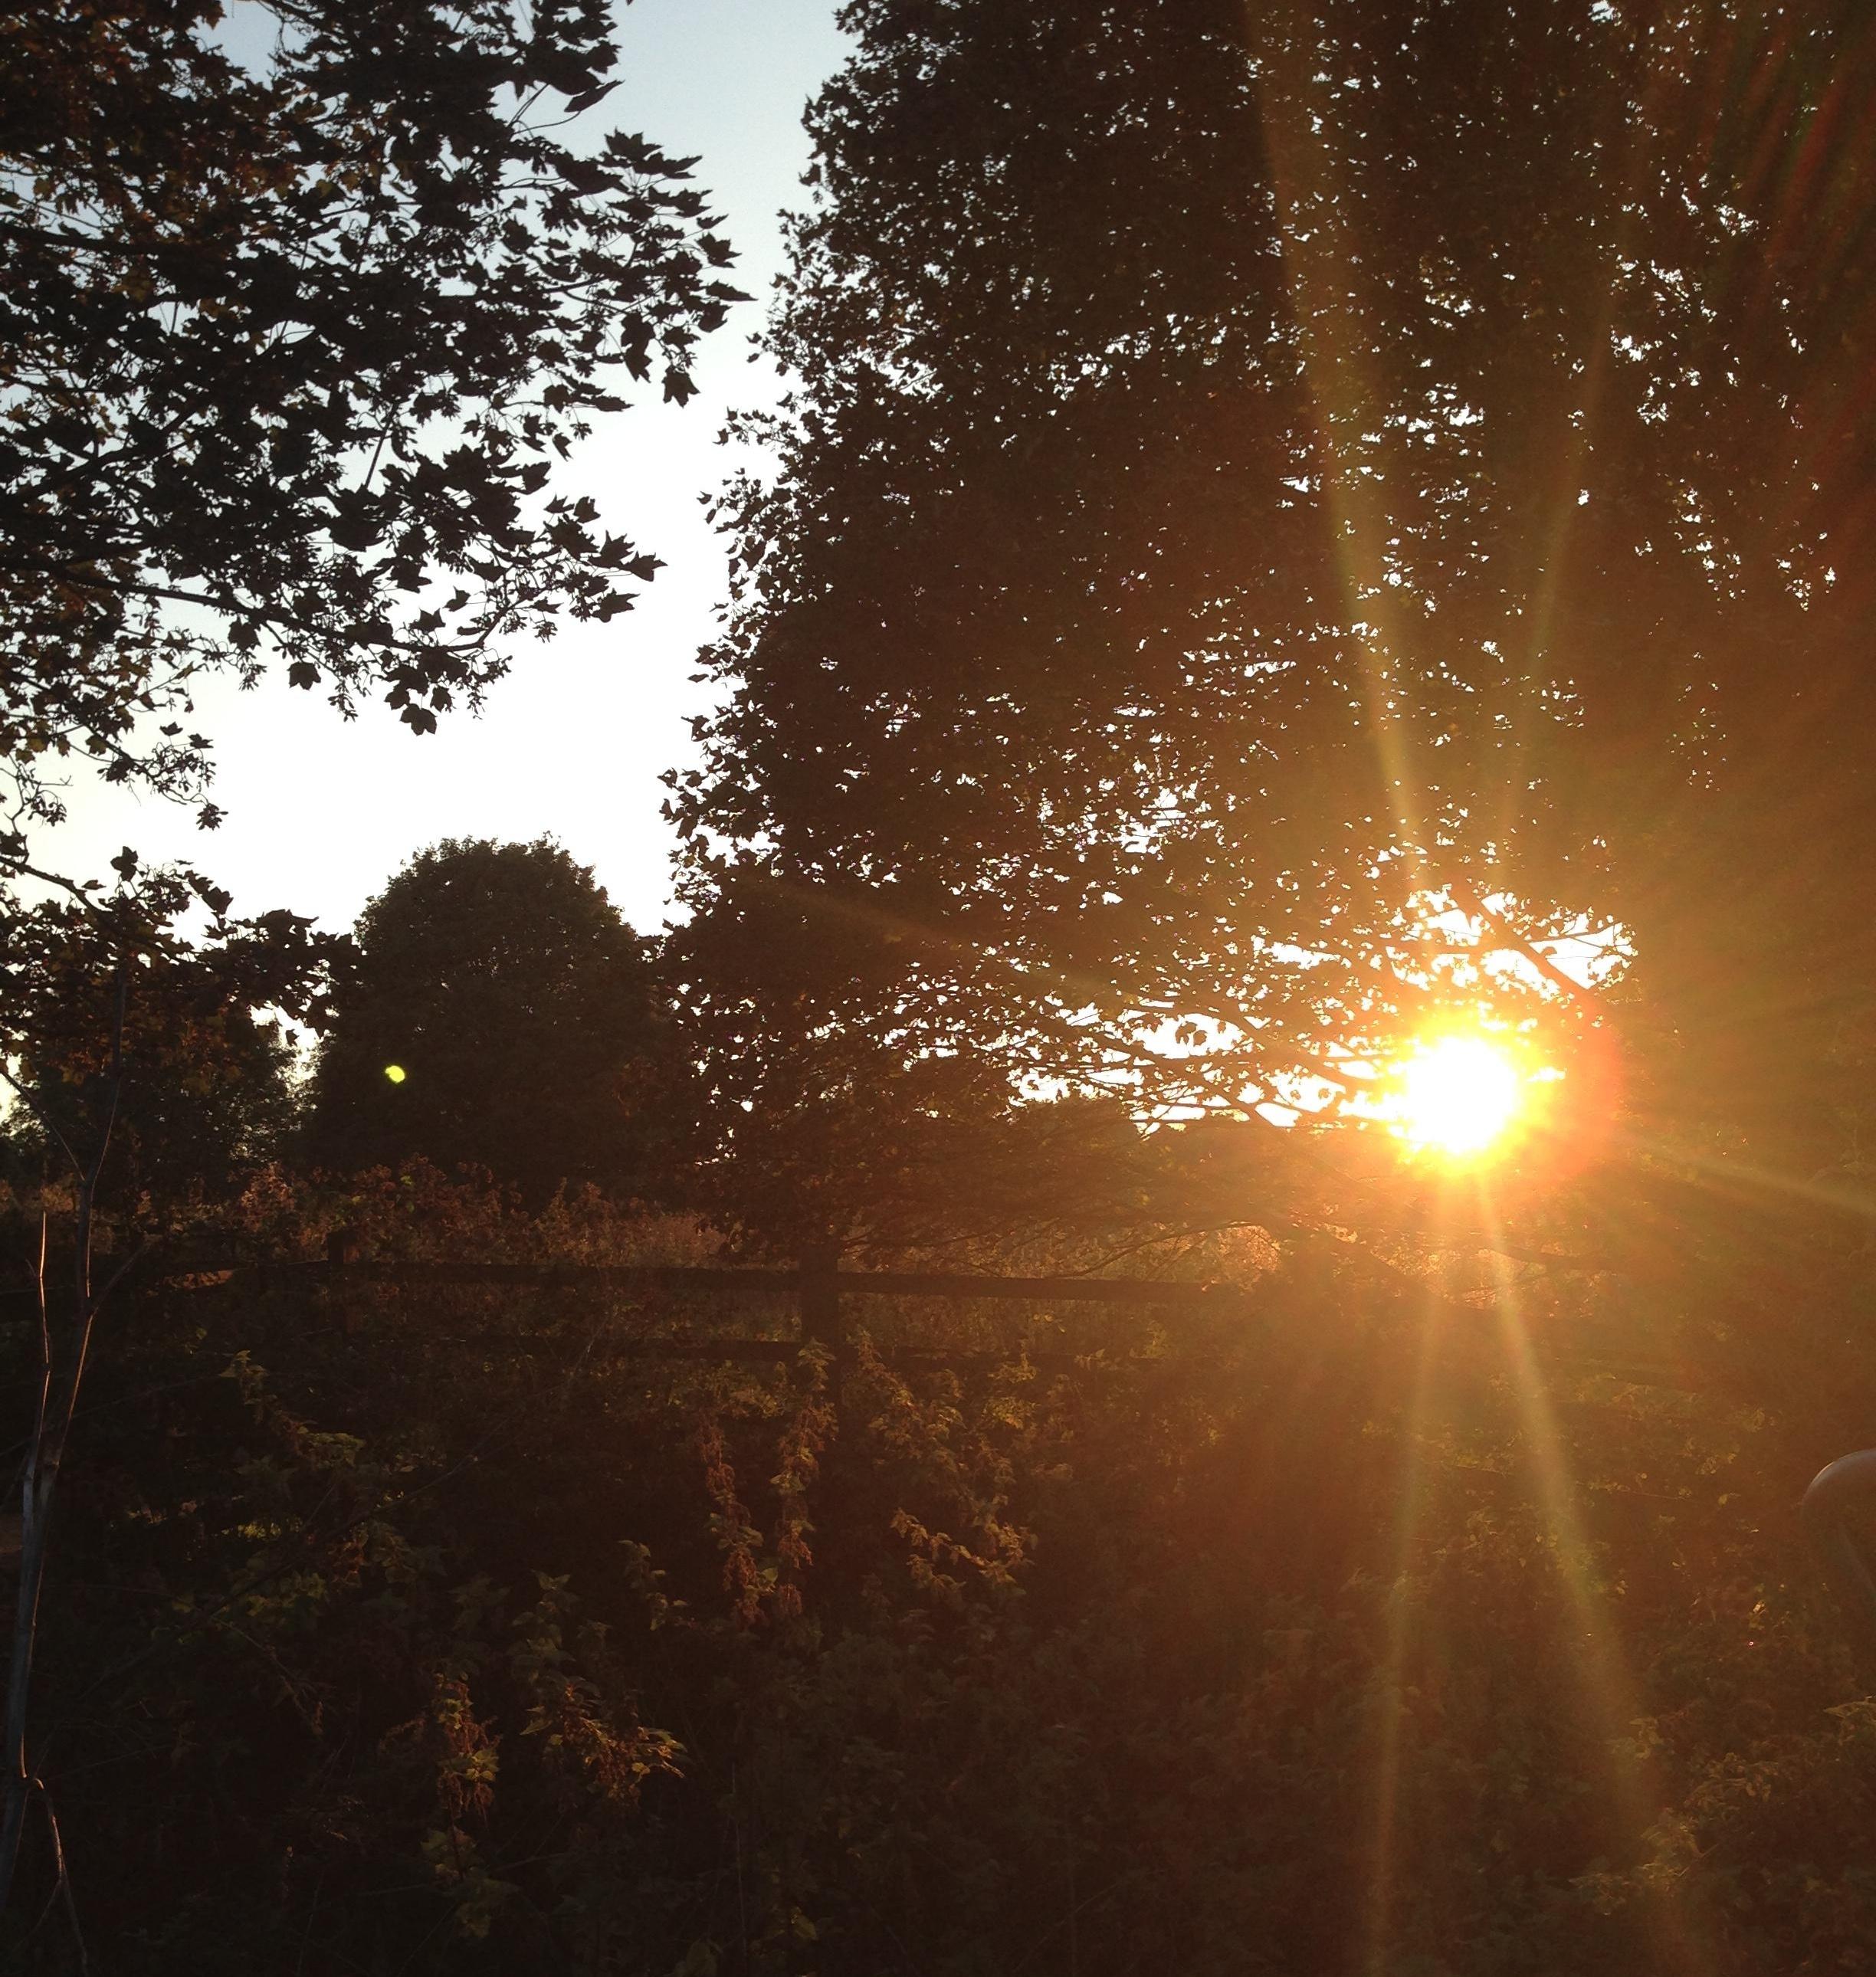 leamington-sunshine-756851-edited.jpg